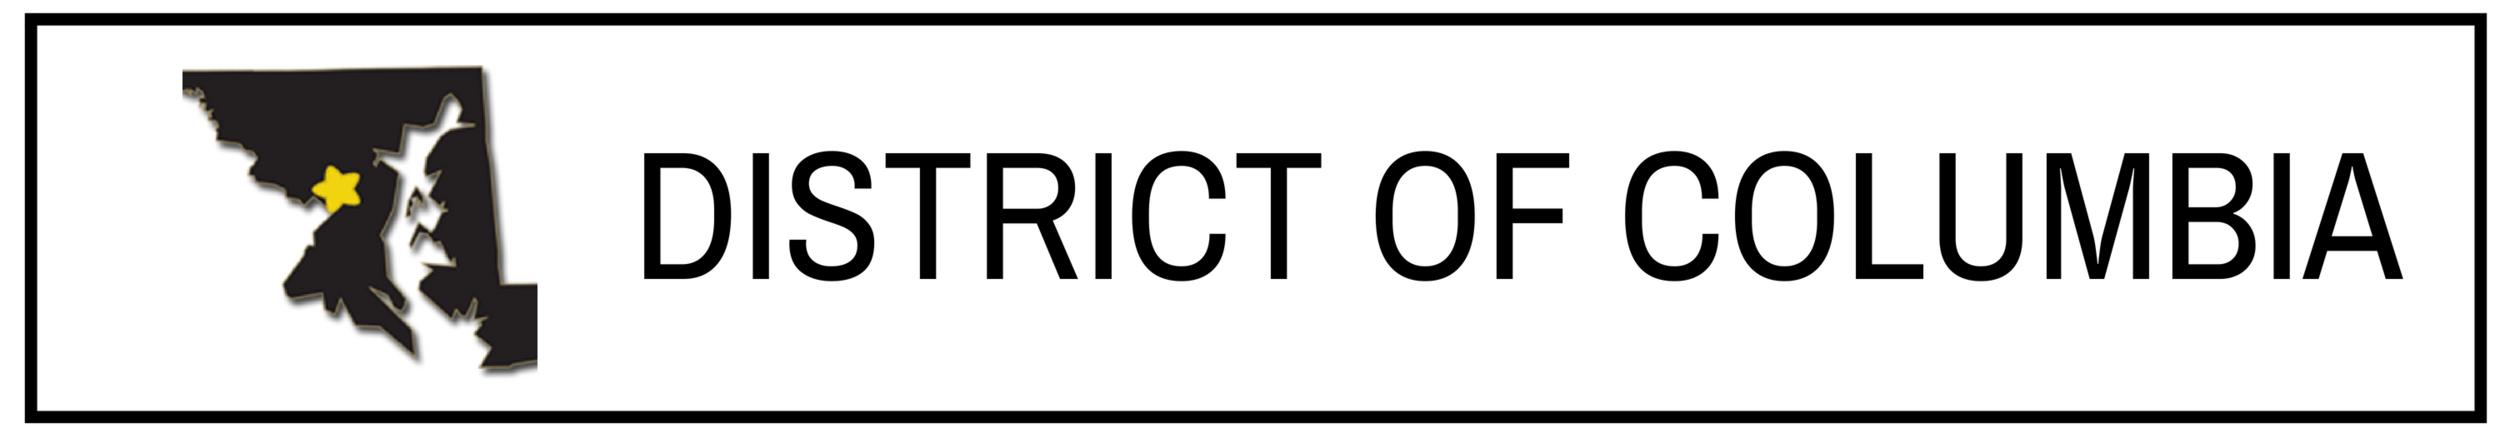 districtofcolumbia